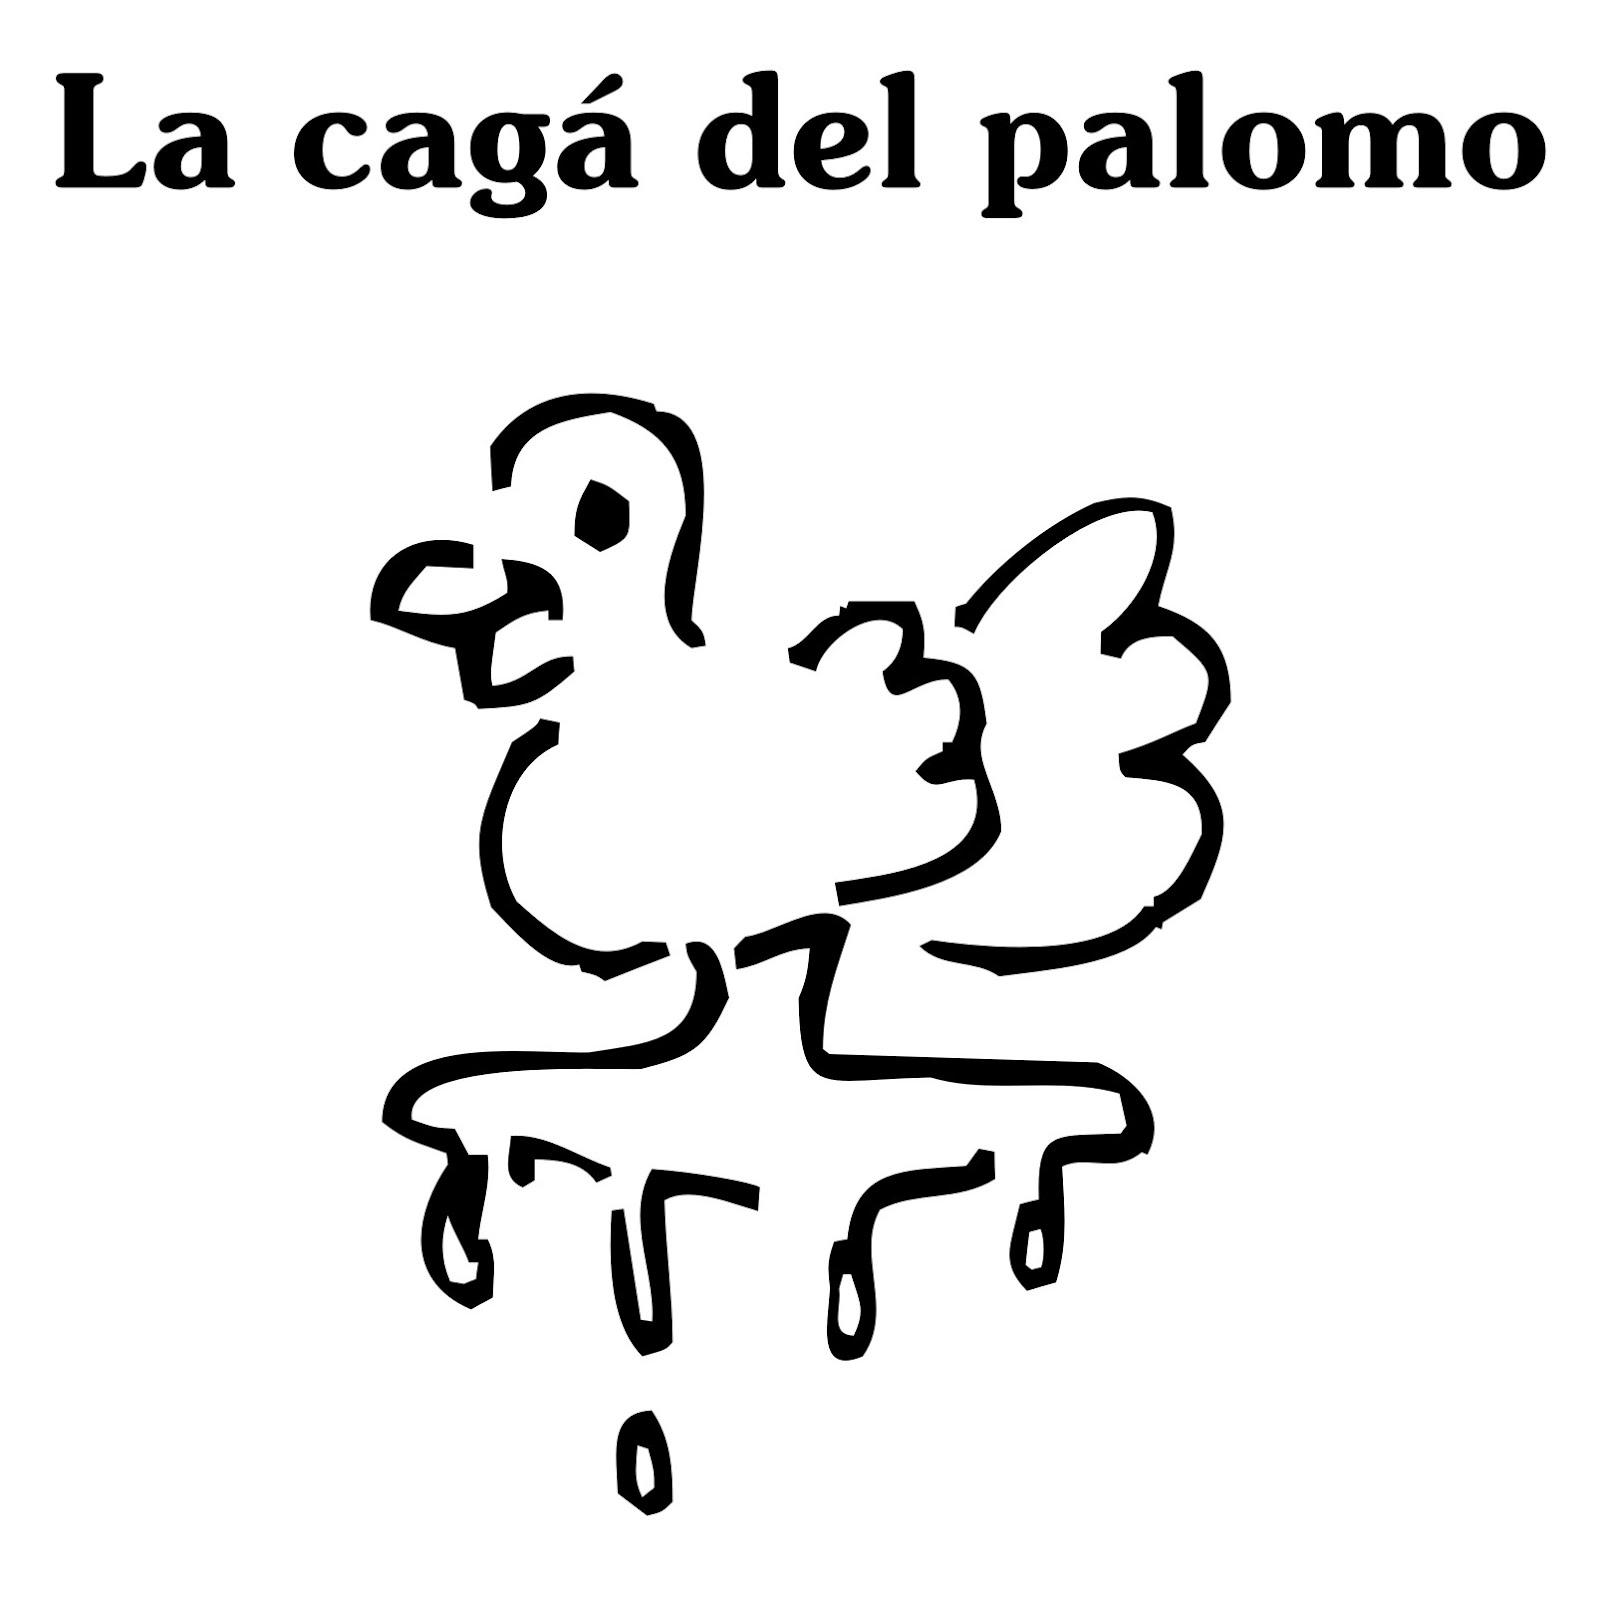 La cagá del palomo